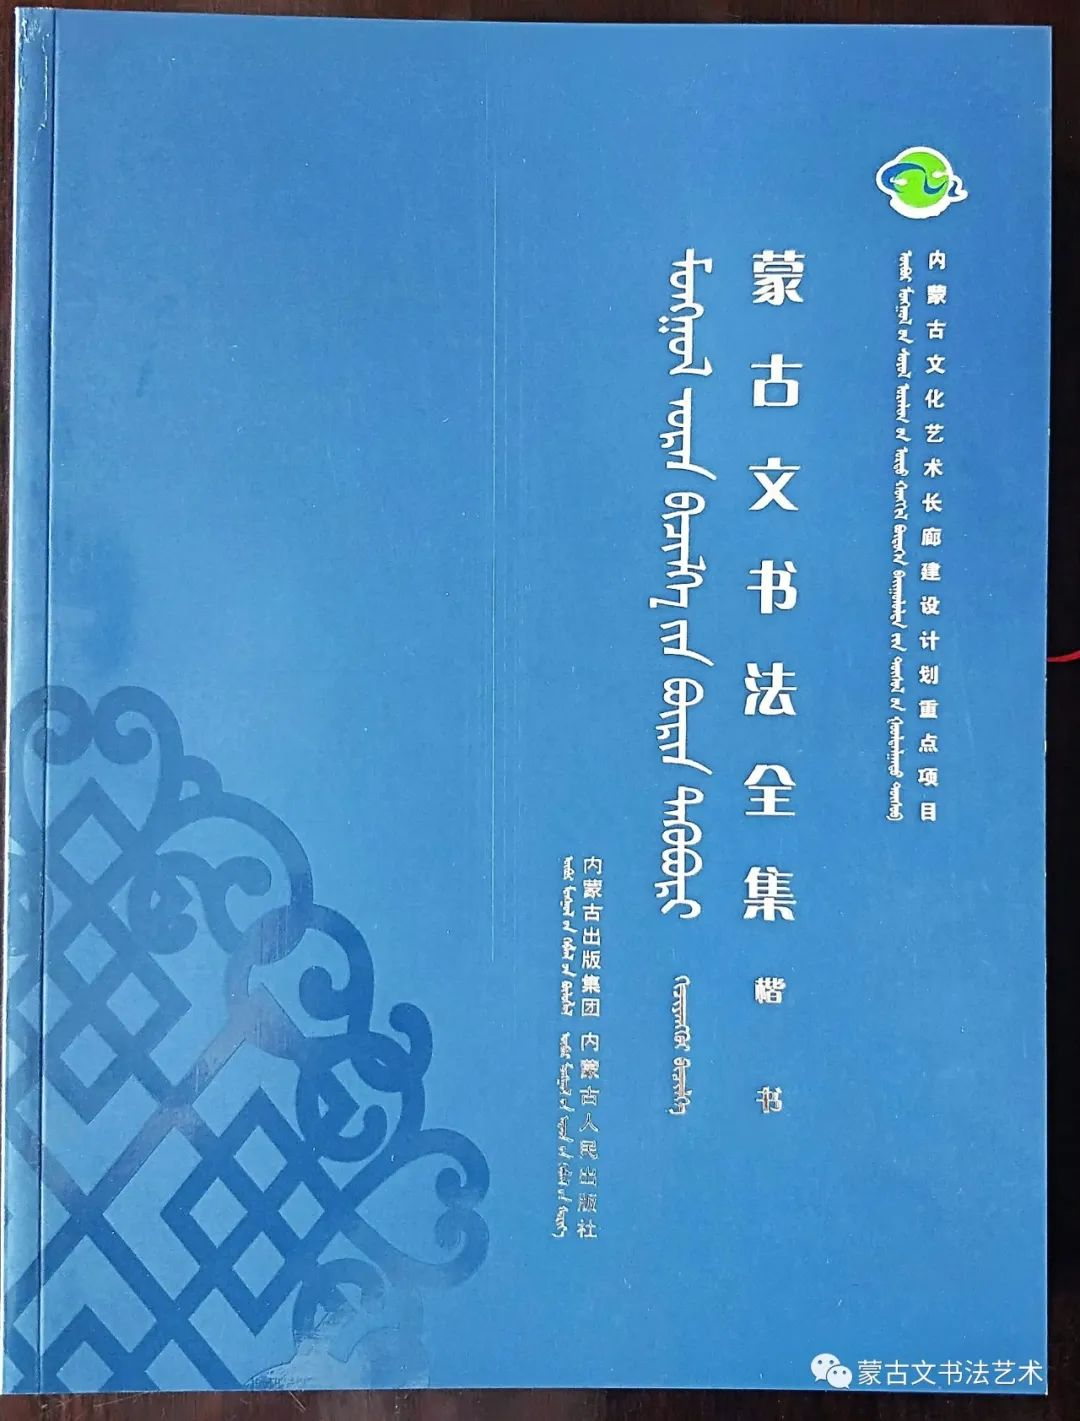 蒙古文书法全集 第6张